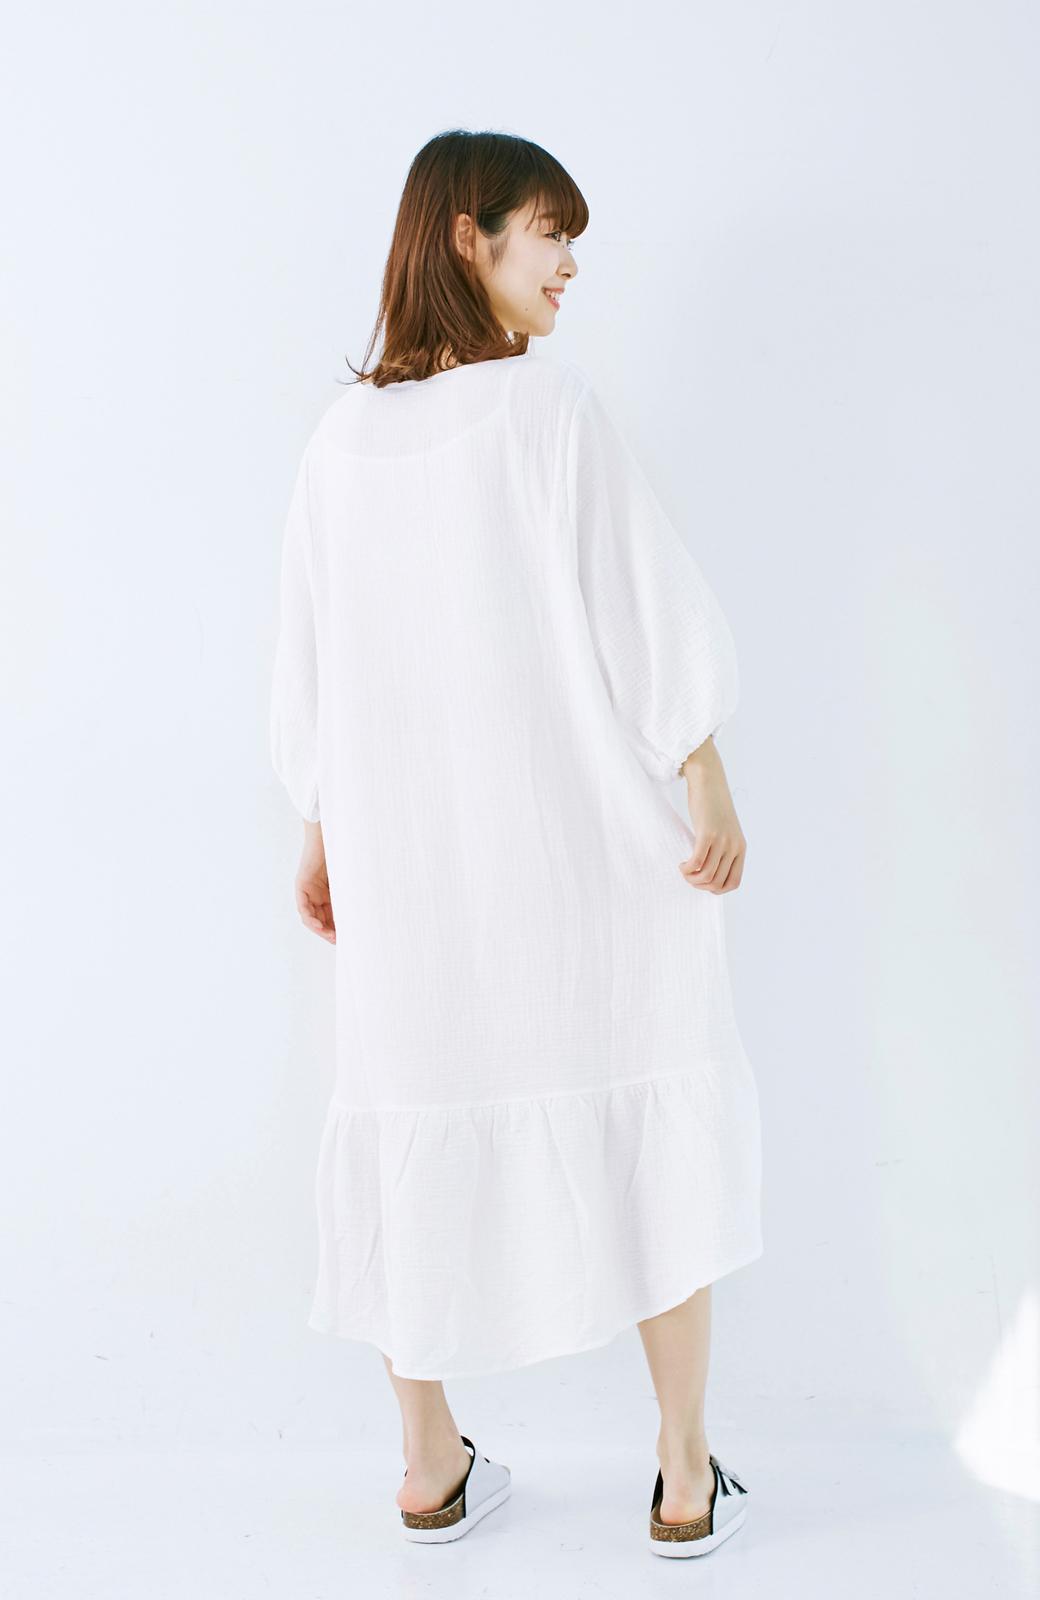 nusy すぽっと着られて着心地さわやか ぽんわり袖ガーゼワンピース <ホワイト>の商品写真14